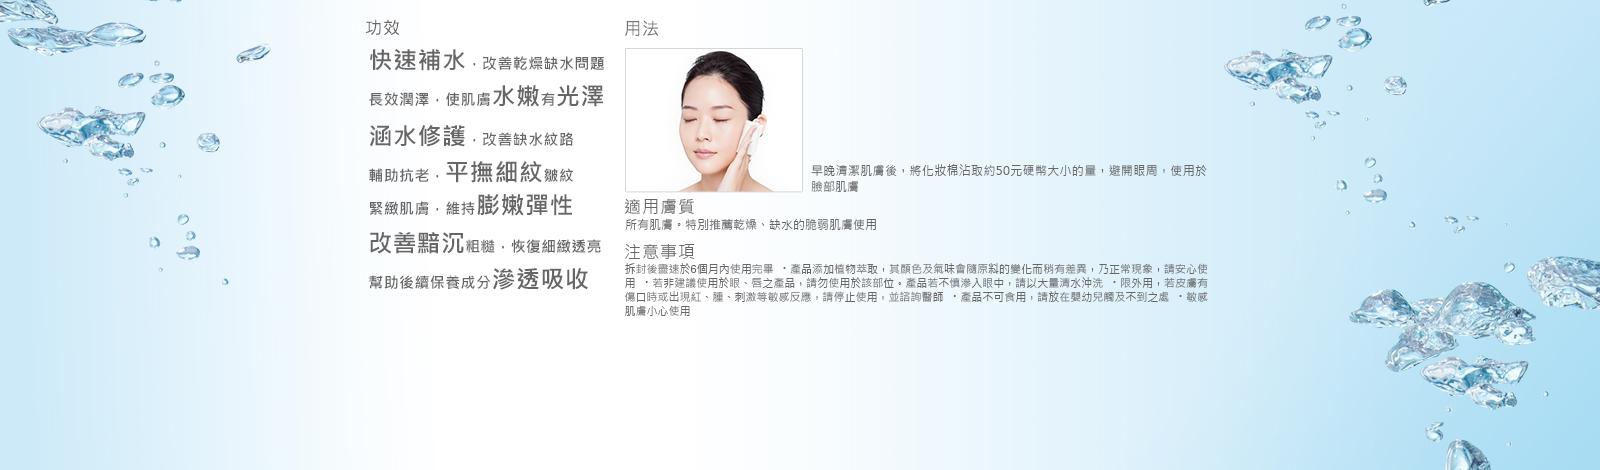 web-1000-0004.jpg